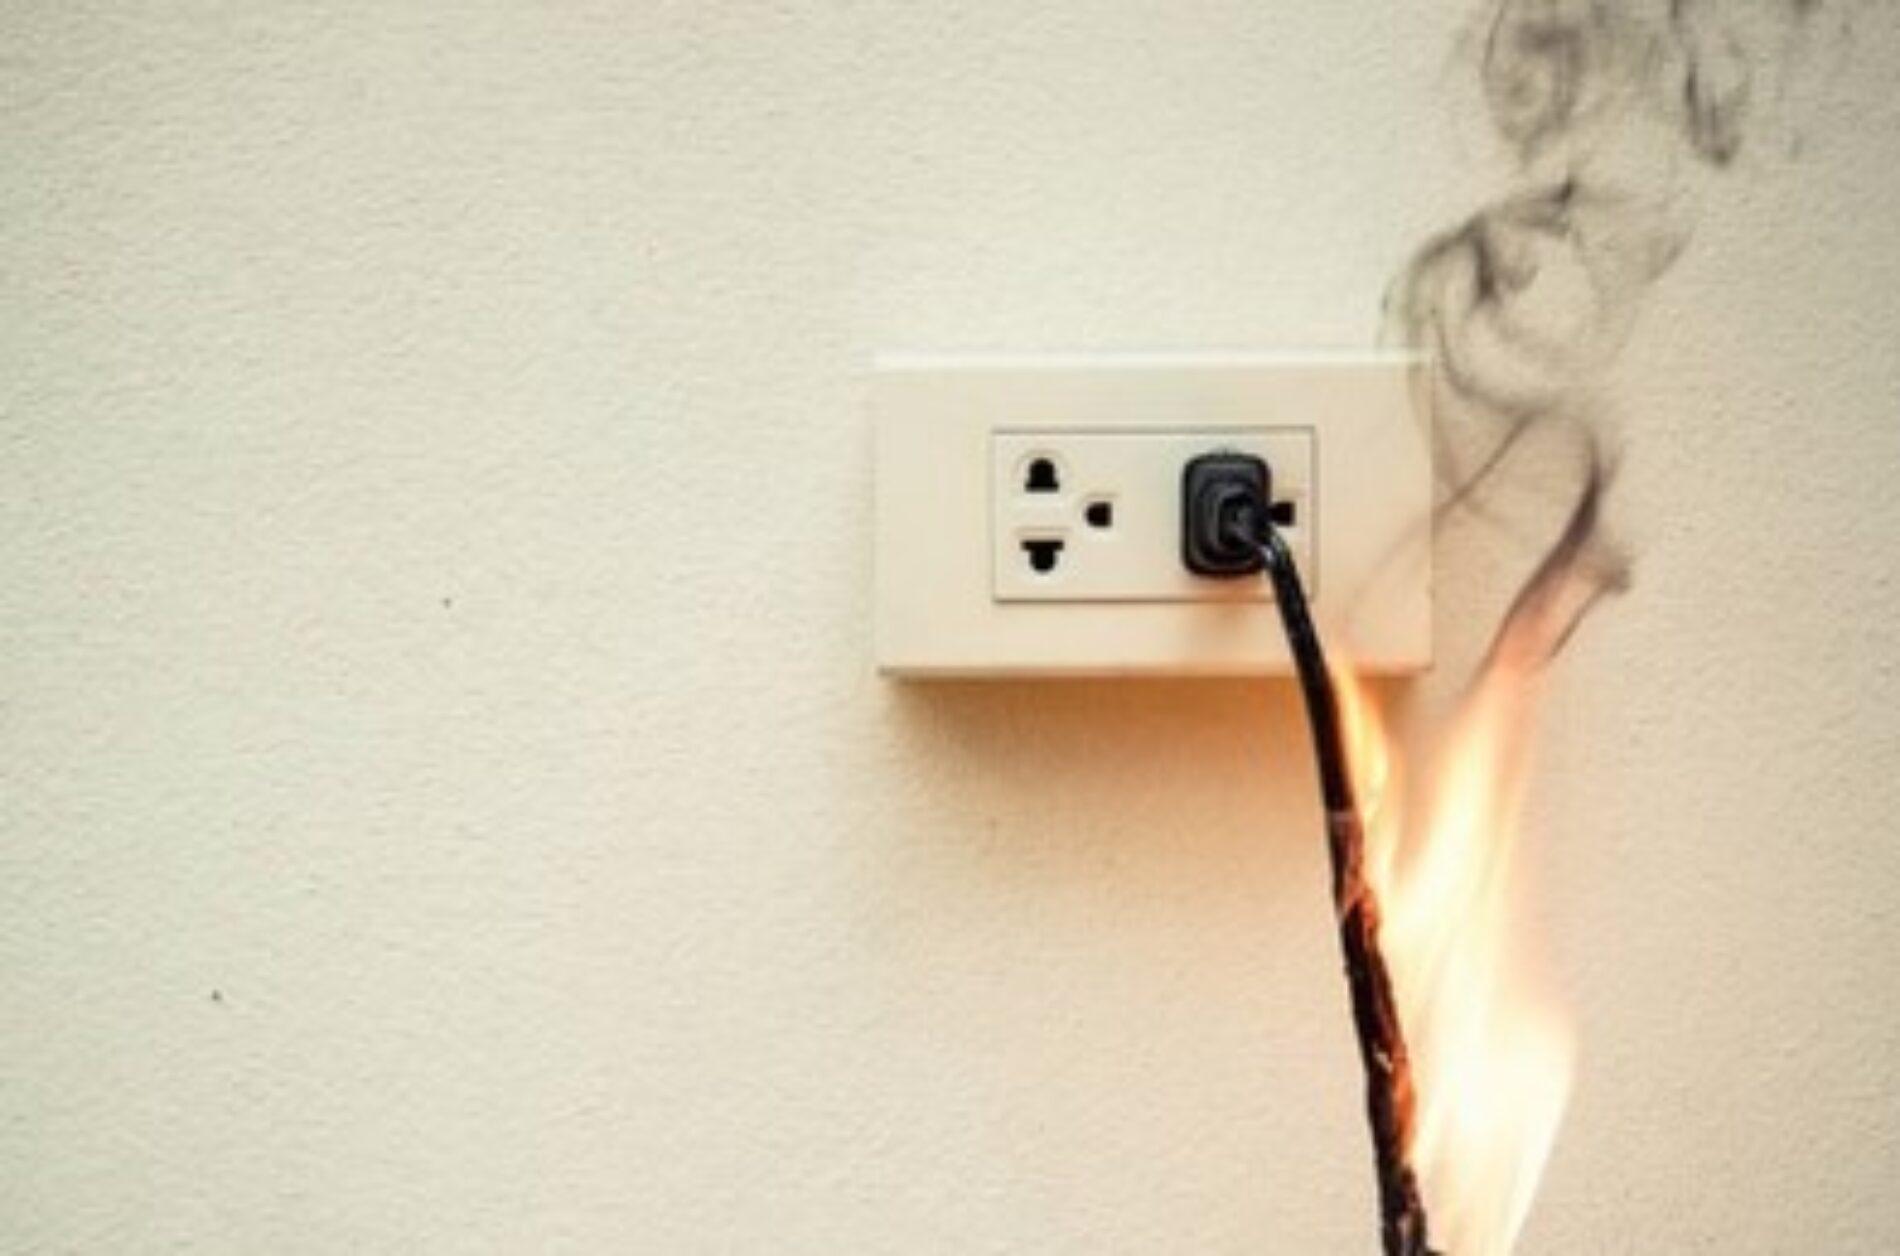 Recomendaciones para evitar incendios por corto circuito